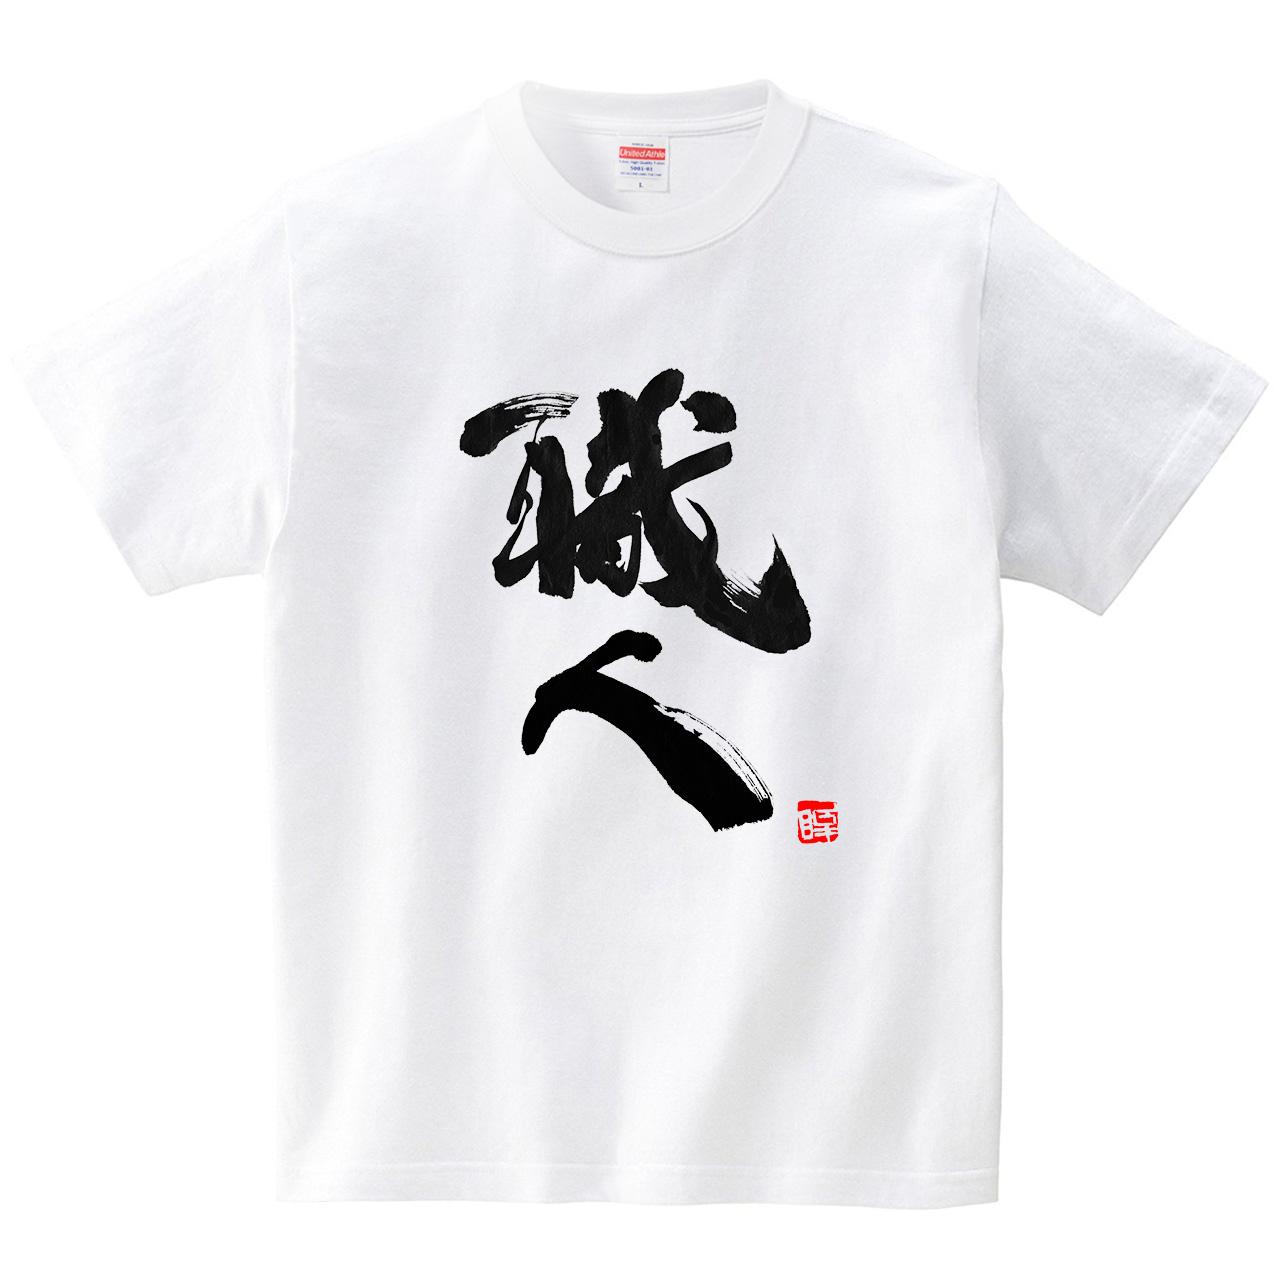 「職人」筆文字Tシャツ(ホワイト)(Tシャツ・ホワイト)(hitomix)